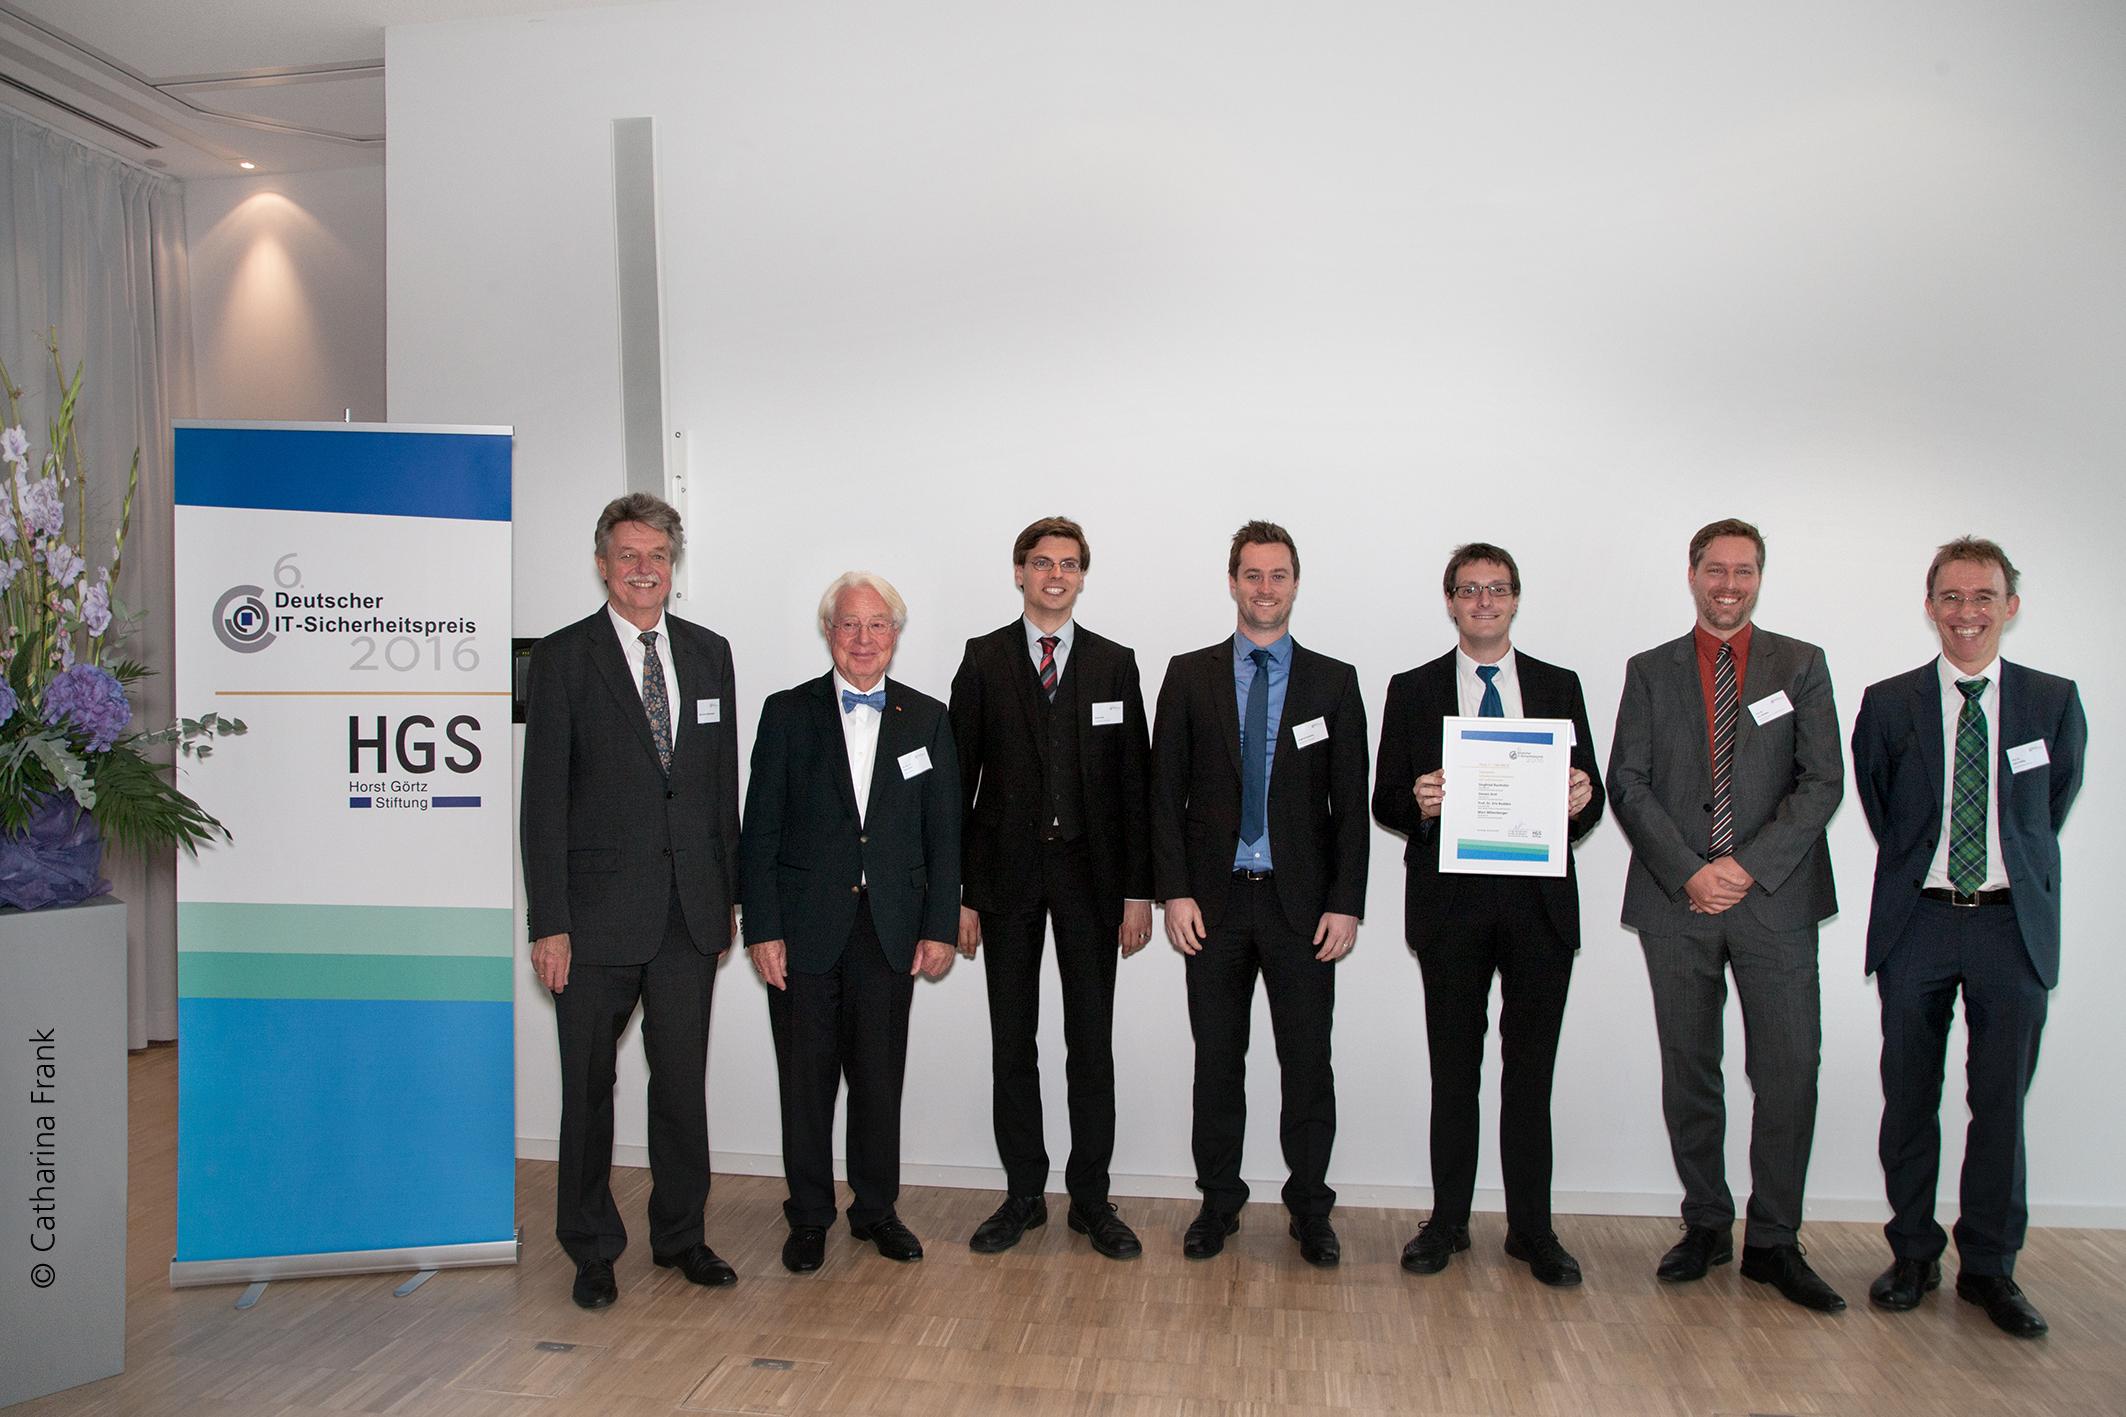 """Verleihung des """"Deutschen IT-Sicherheitspreises 2016"""""""